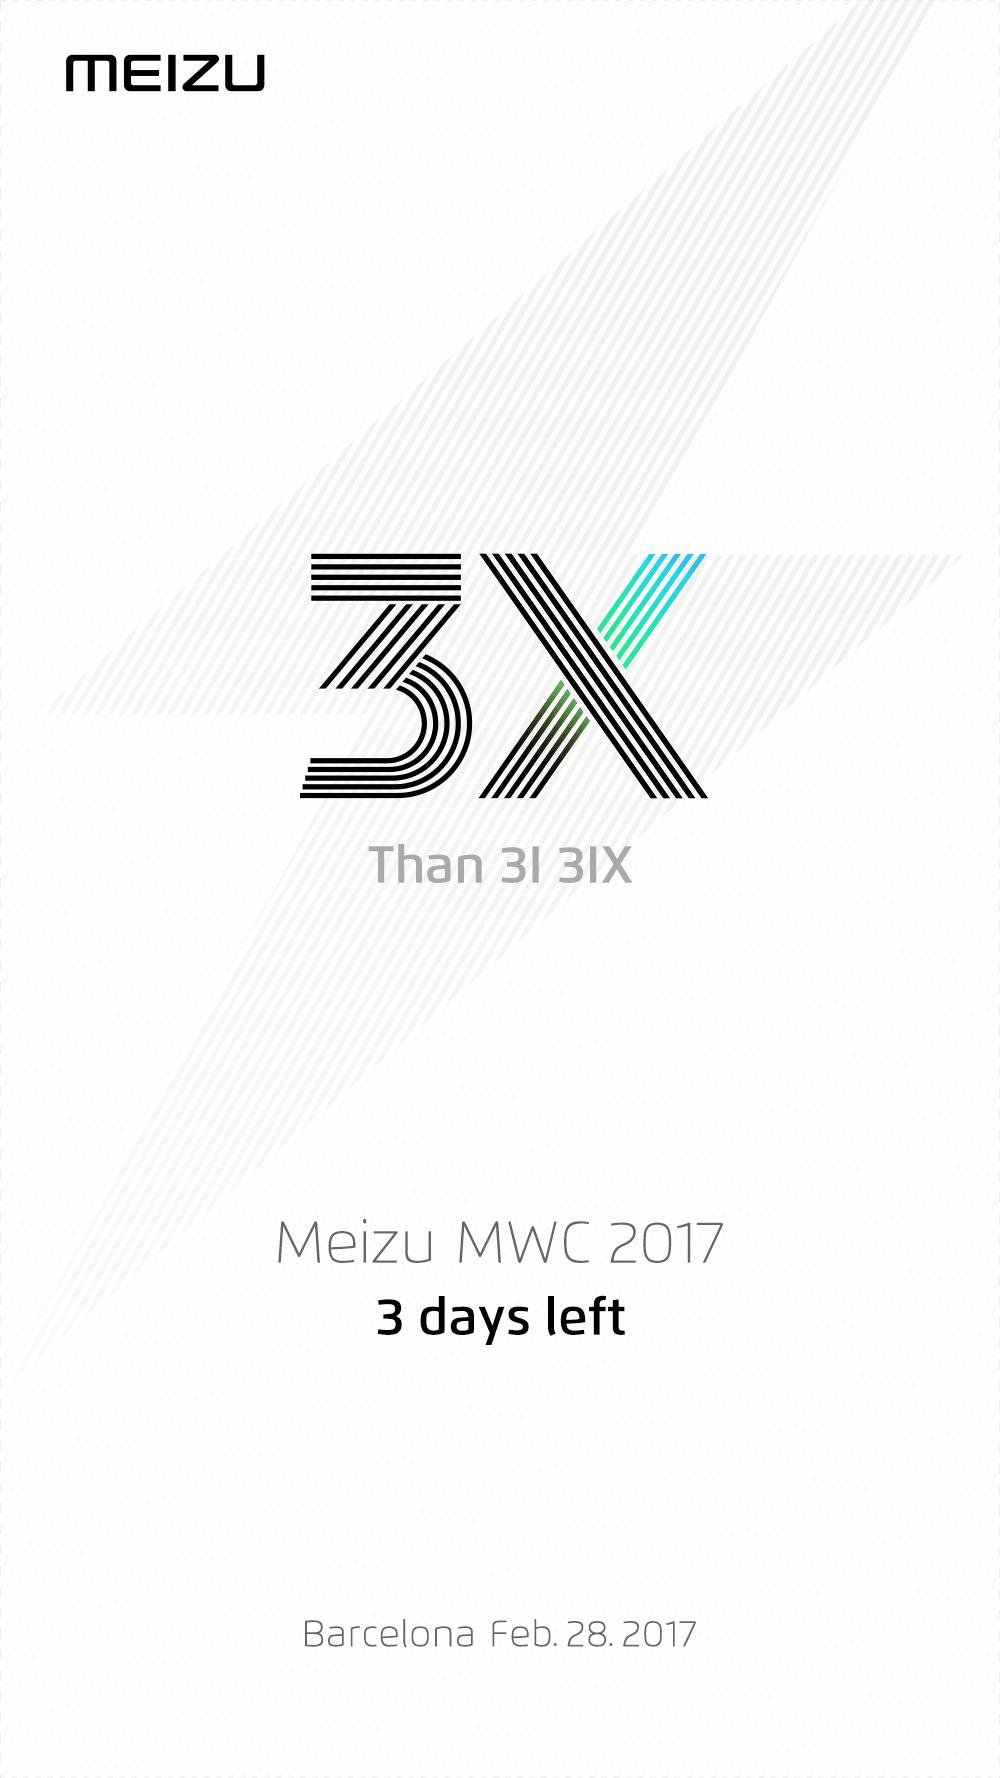 概念如此惊艳,为何还要执着于 3 倍的快感?2 月 28 日 17:00,#魅族MWC2017#